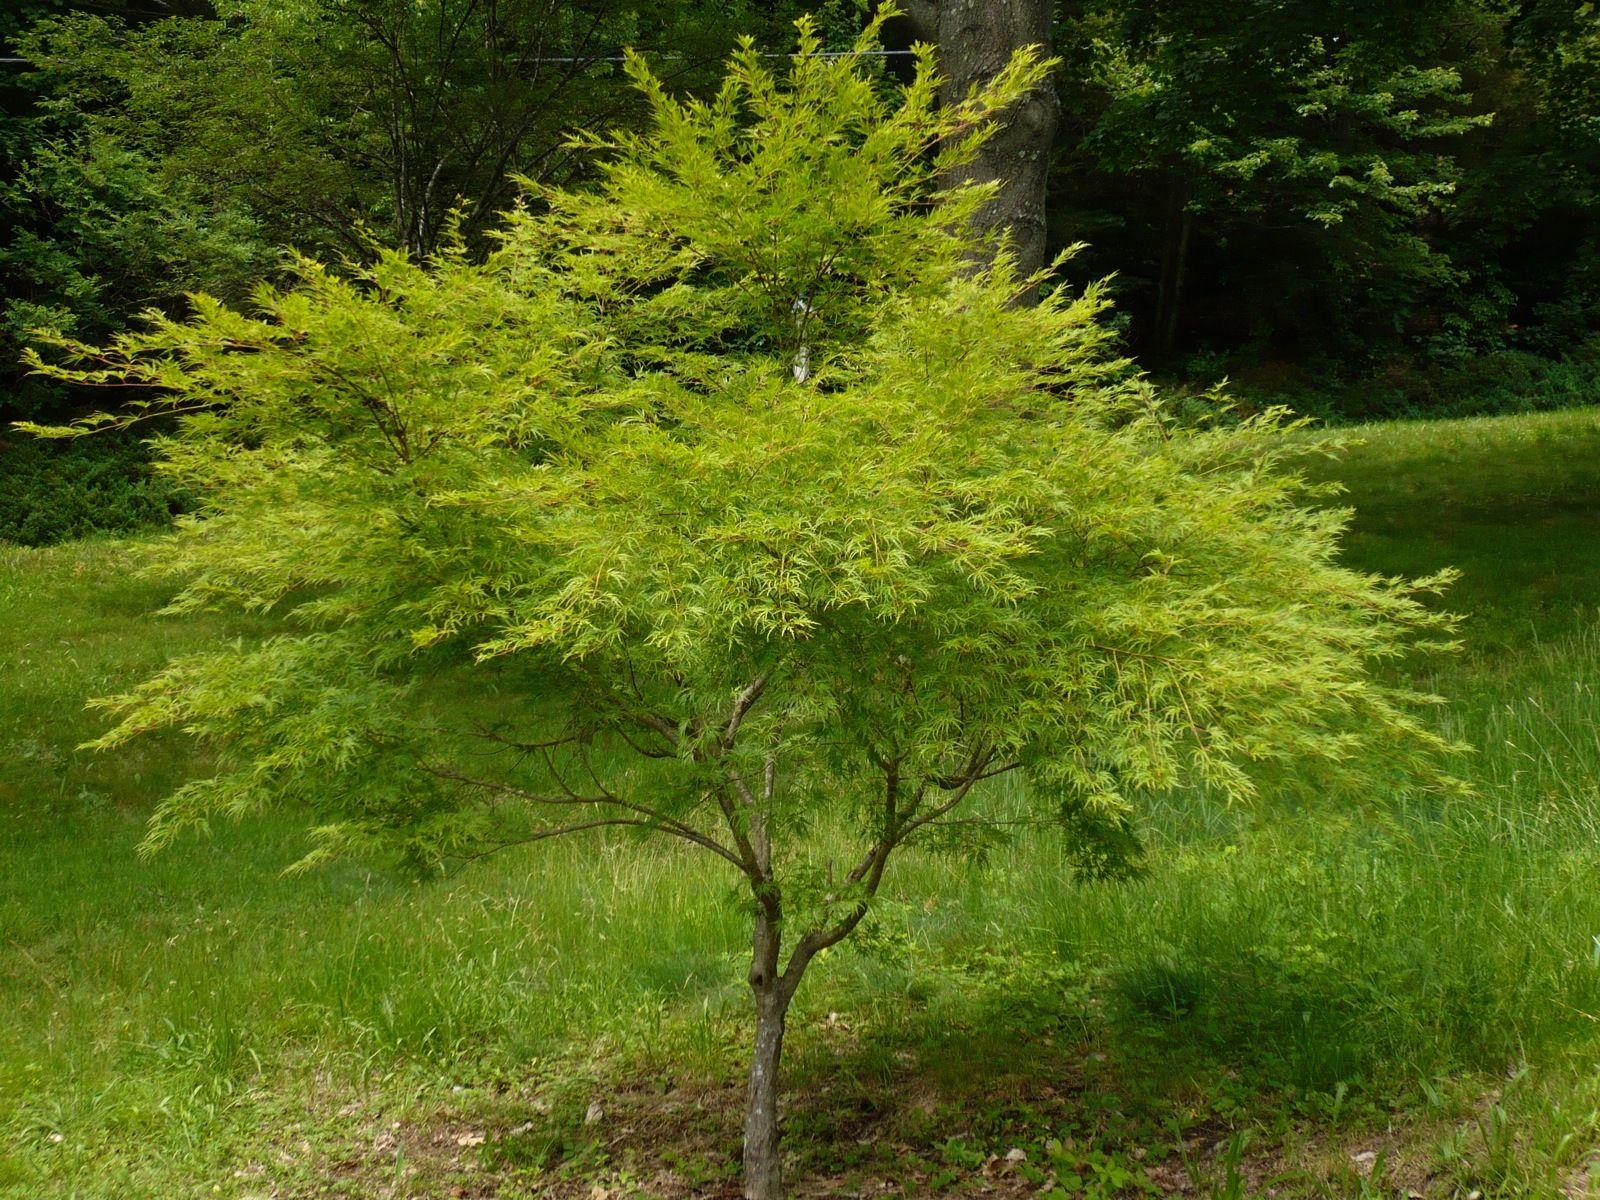 Acero Giapponese Verde acero giapponese verde - cerca con google | verde, acer